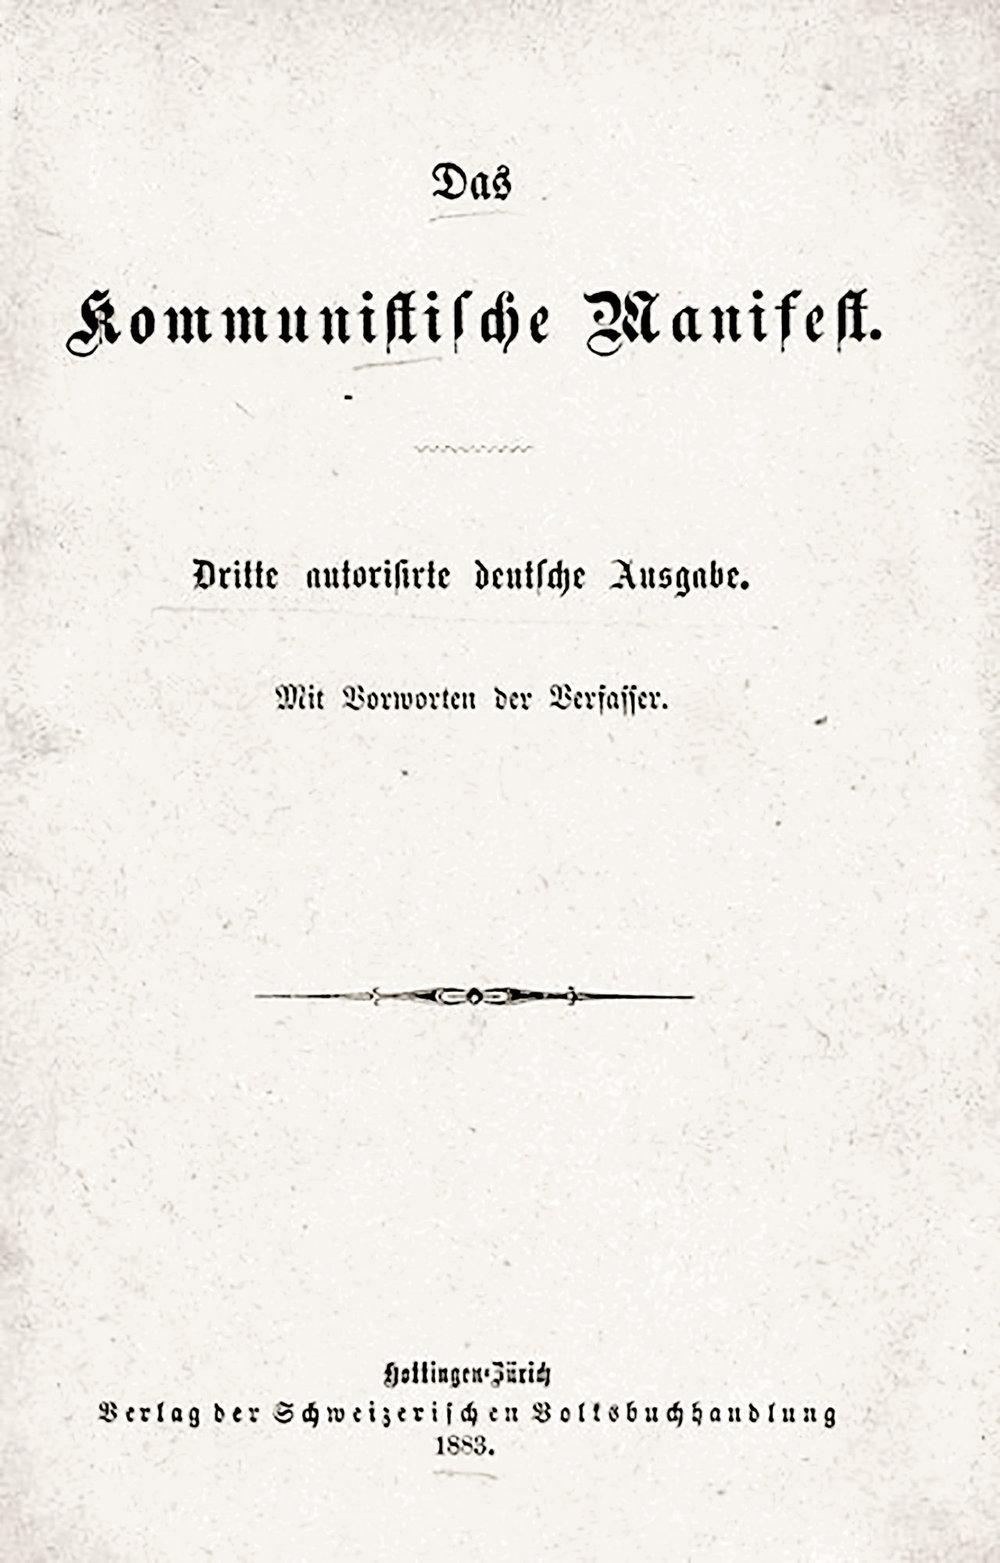 SP_Kommunistisches_Manifest_1883-2000 x 3124-LR-Jonas.jpg